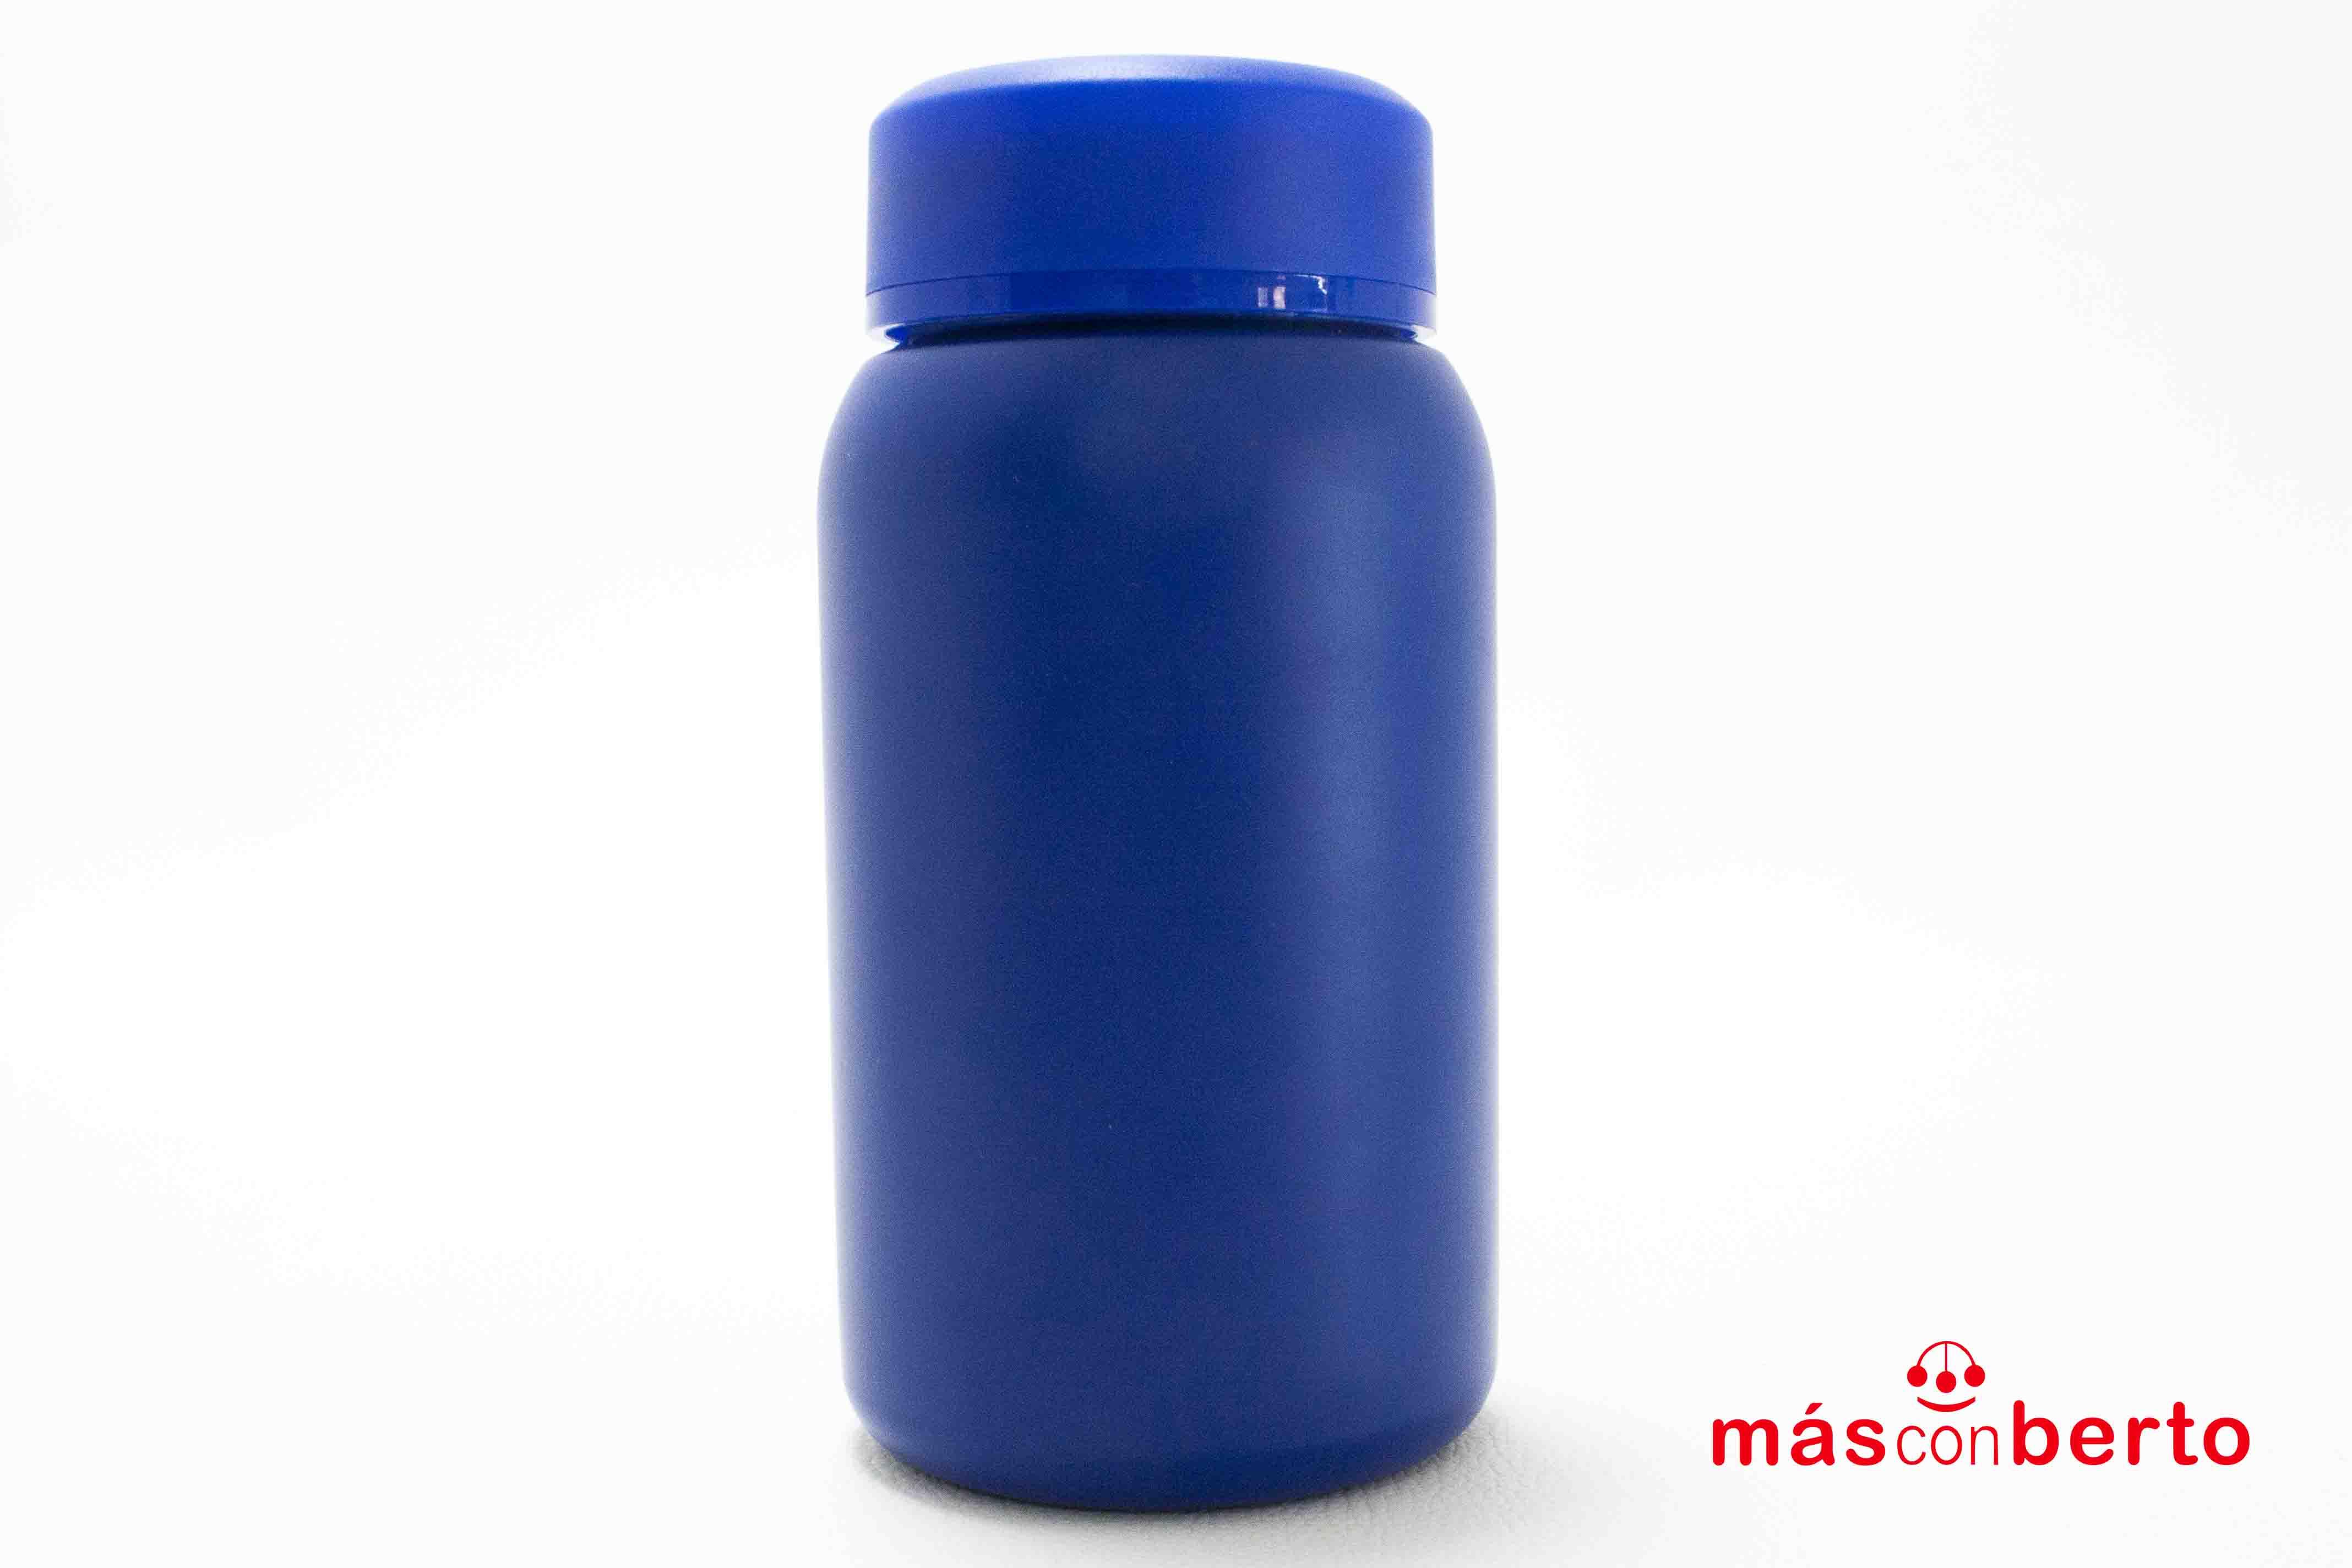 Vaso térmico azul